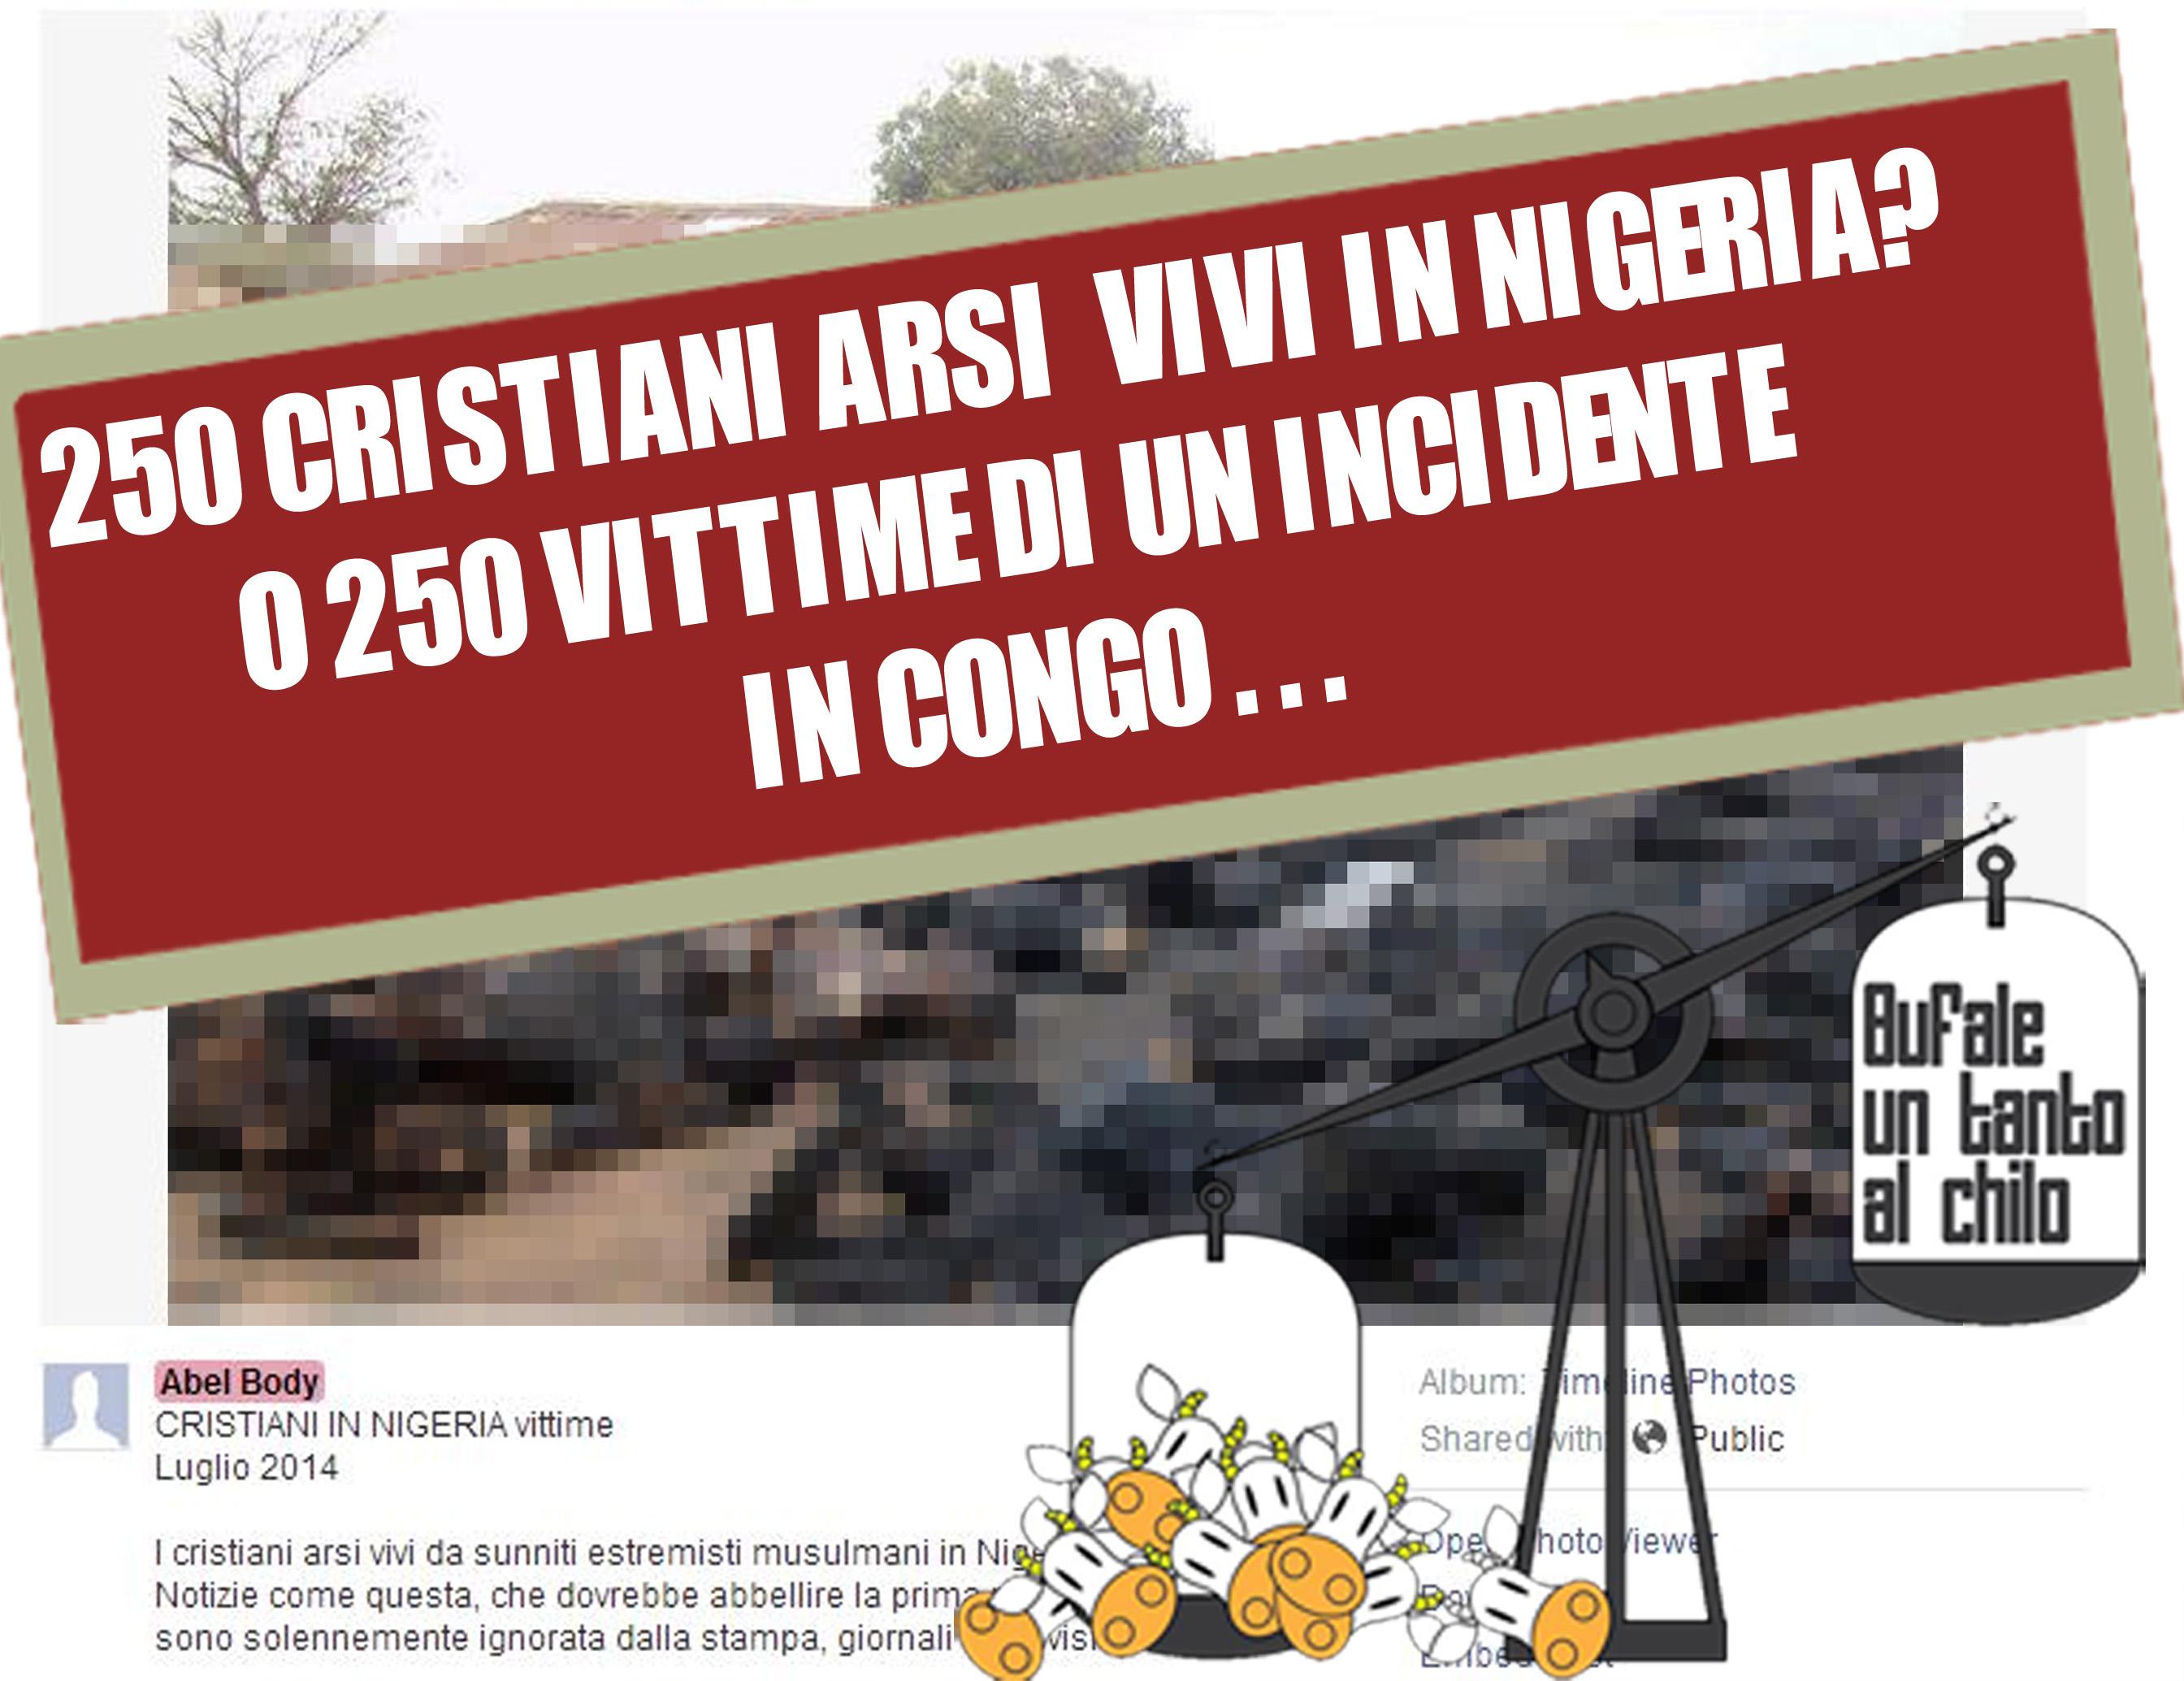 CRISTIANI ARSI VIVI